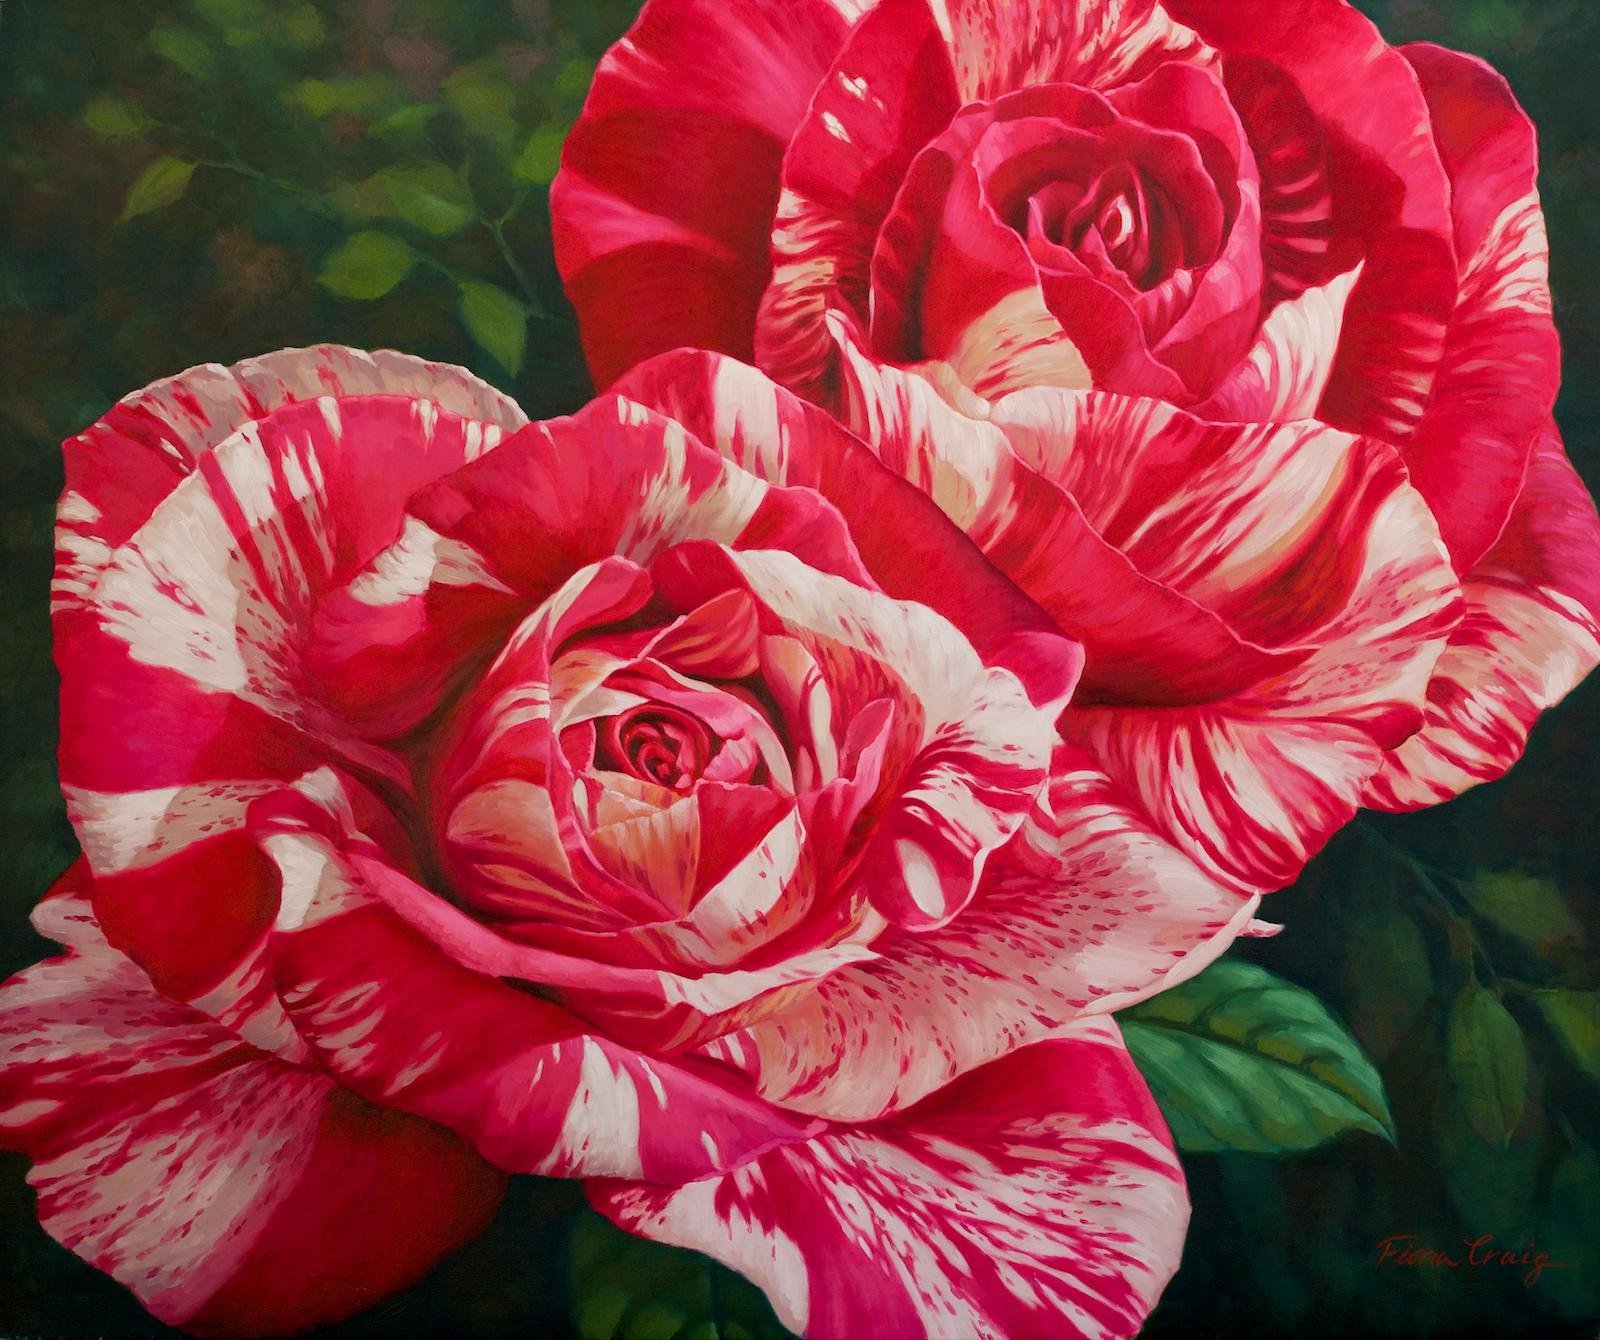 Fiona Craig 'Matisse Roses I' 102cm x 122cm #12867